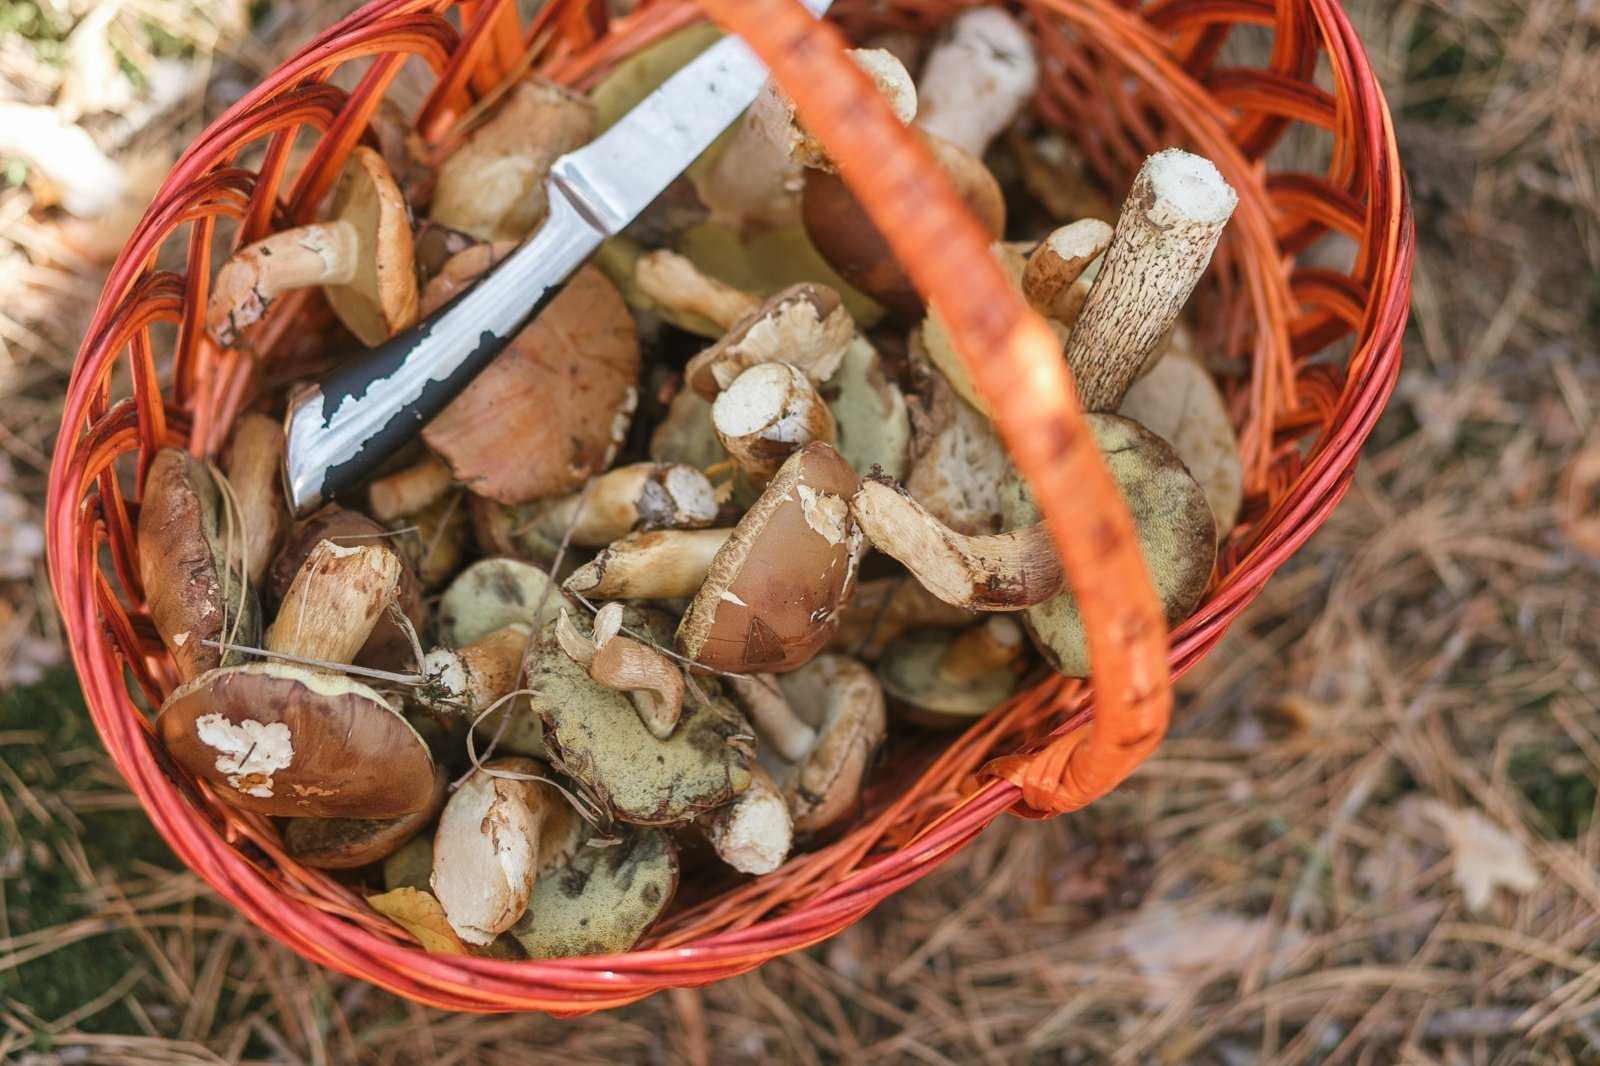 Didėja grybų ir miško uogų importas iš trečiųjų šalių